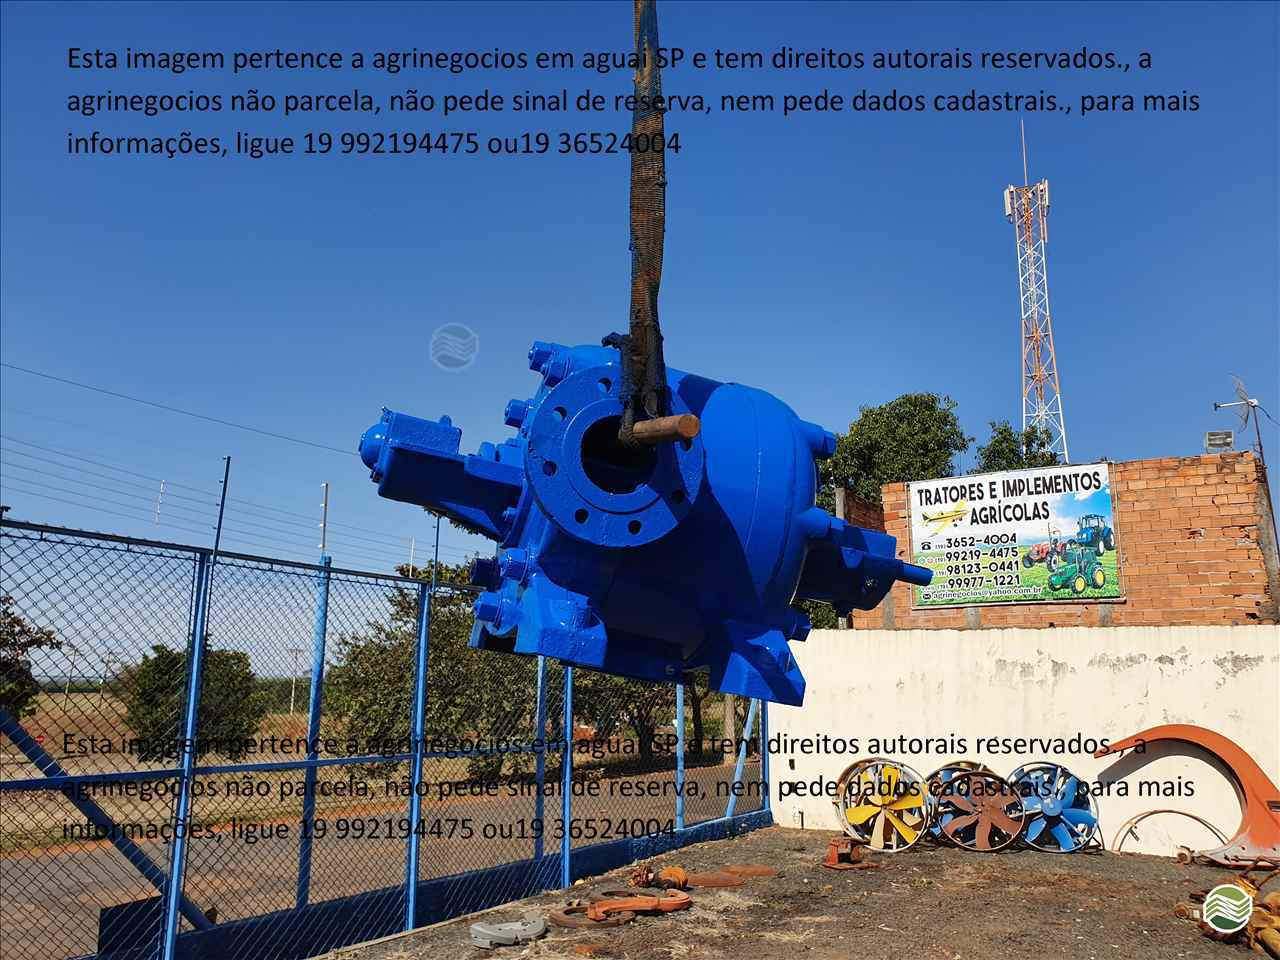 TRATOR MASSEY FERGUSON MF 275 Tração 4x4 Agrinegócios AGUAI SÃO PAULO SP